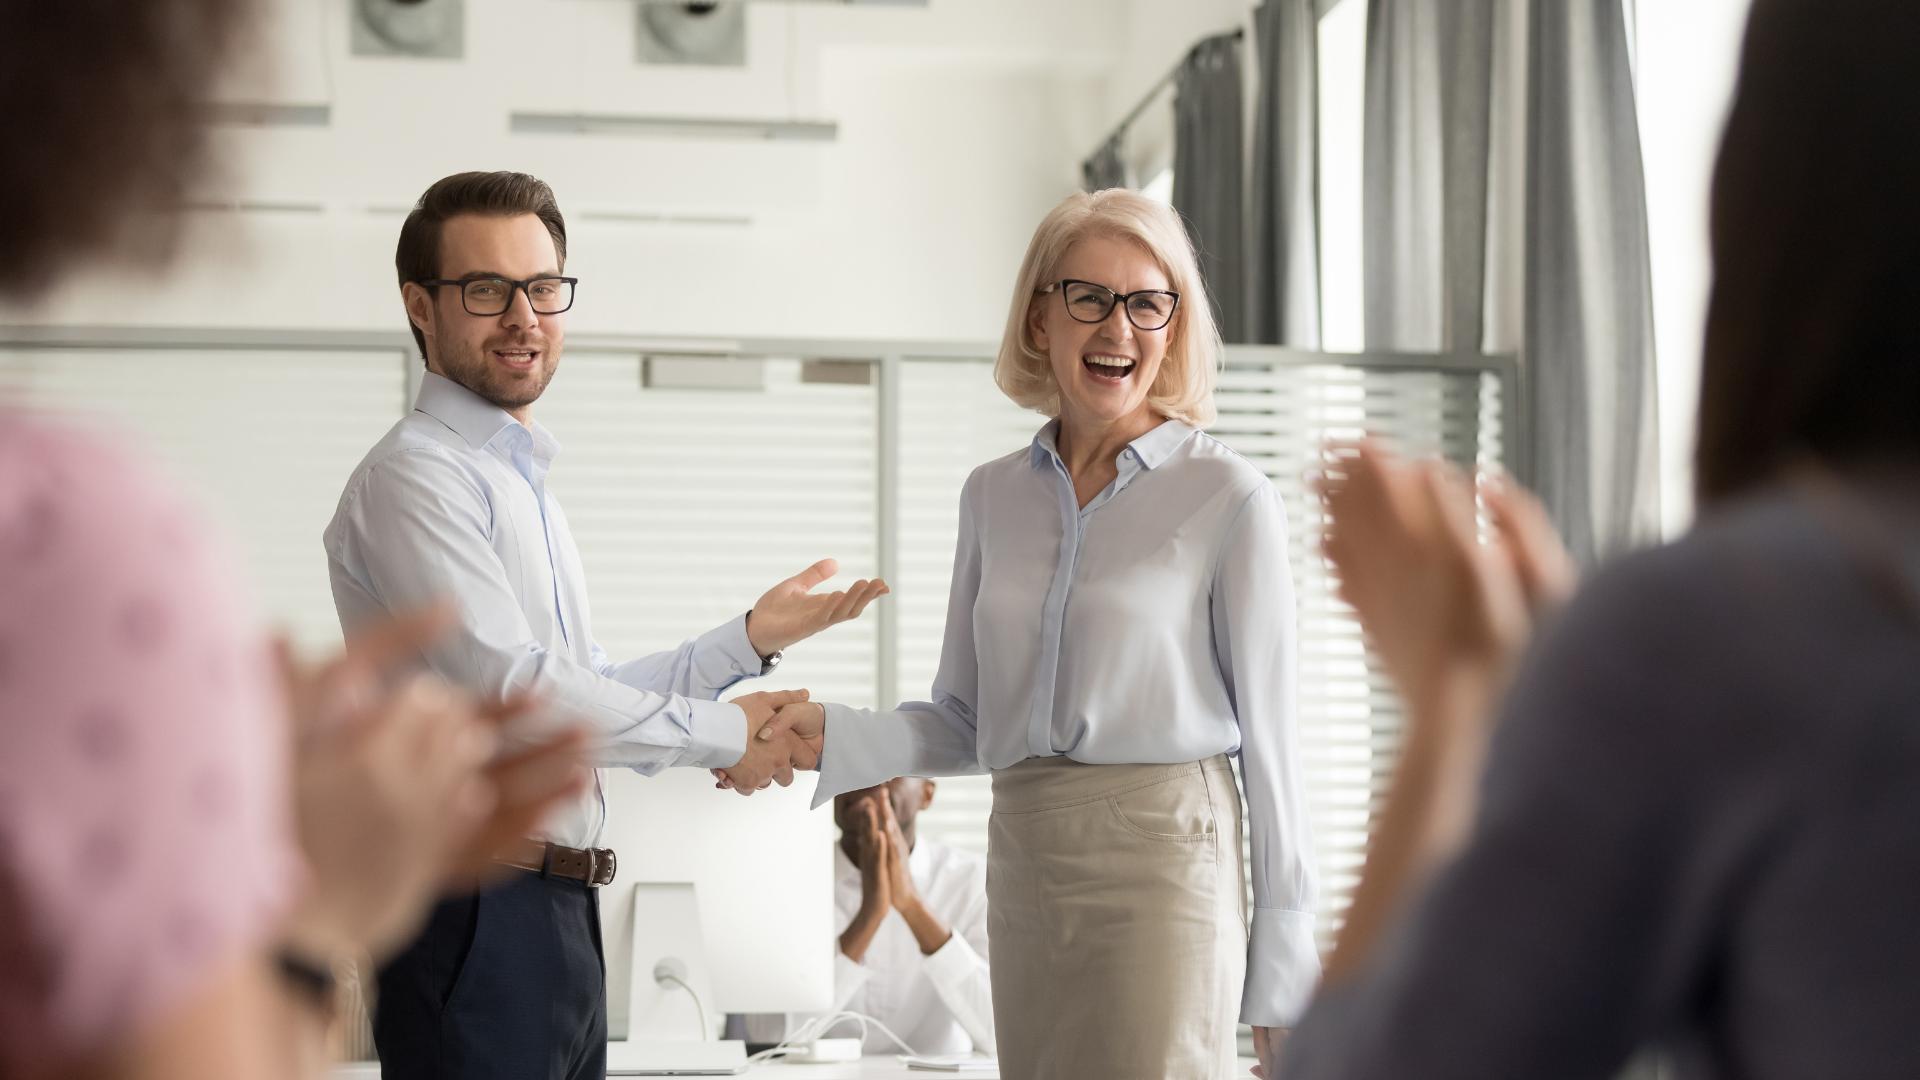 Umiejętności miękkie - jak być bardziej docenianym w pracy